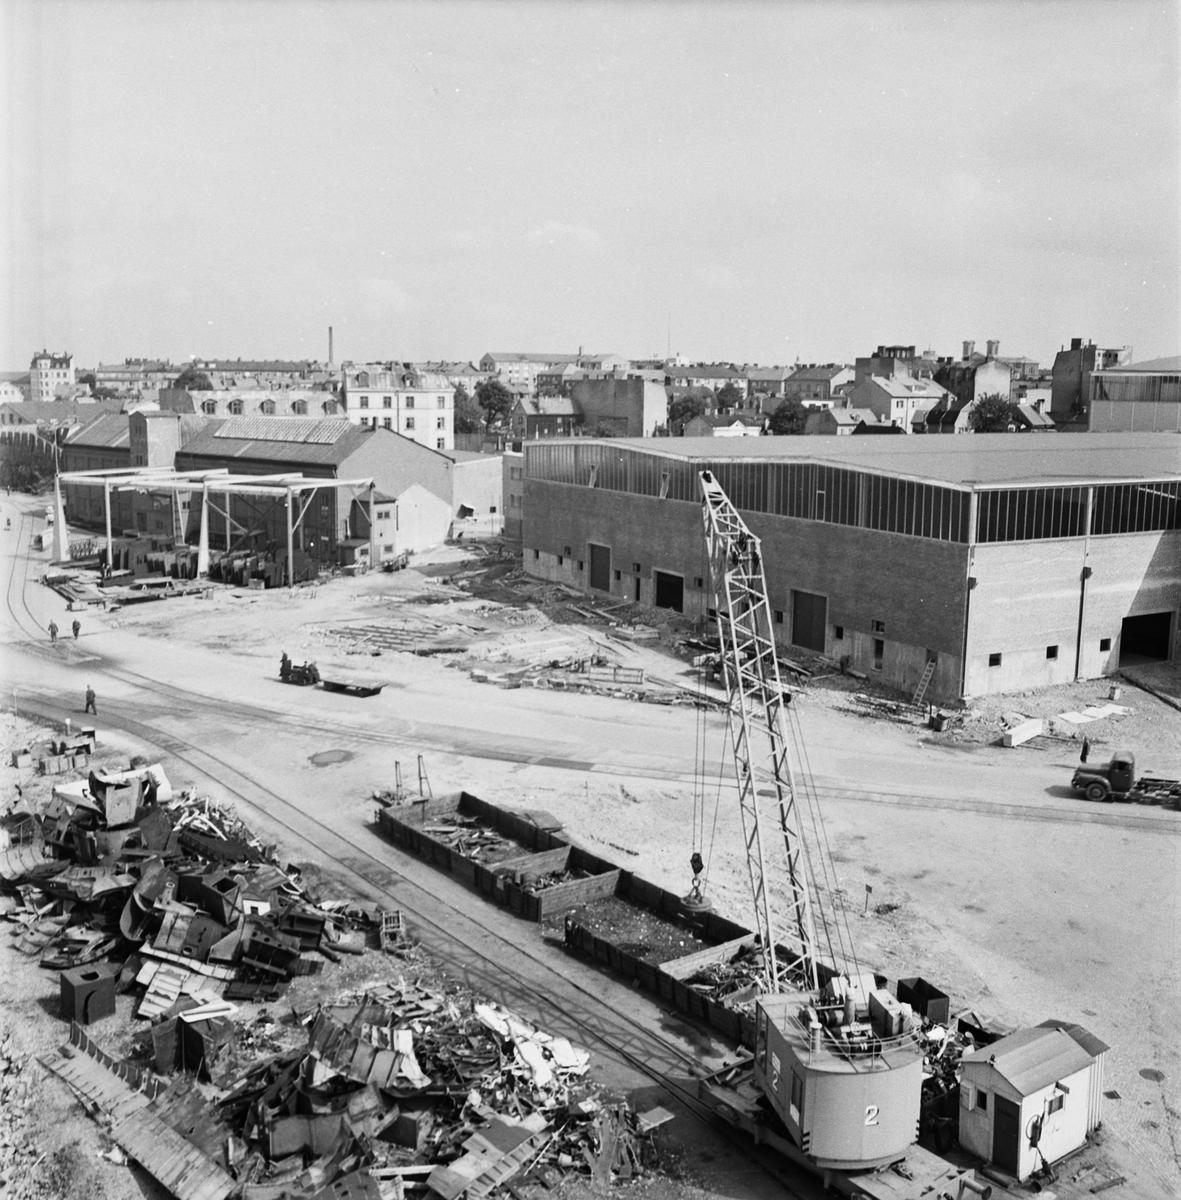 Övrigt: Fotodatum 23/8 1963 Byggnader och Kranar Nyb.området ext